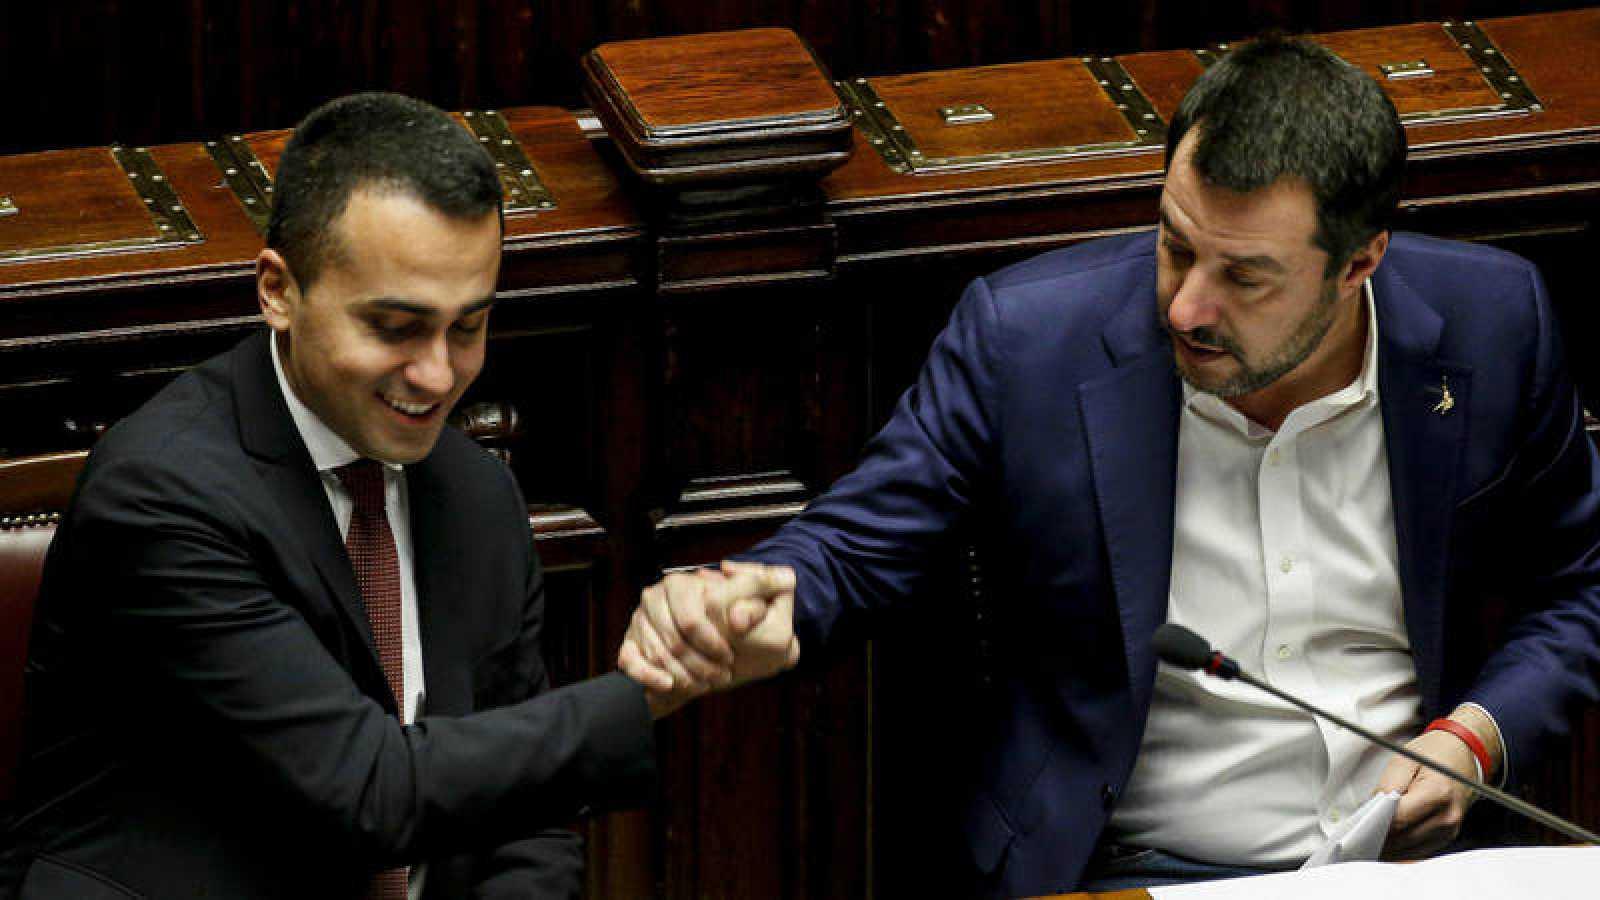 El líder del Movimiento Cinco Estrellas, Luigi Di Maio, junto al vicepresidente de Italia, Matteo Salvini, en febrero